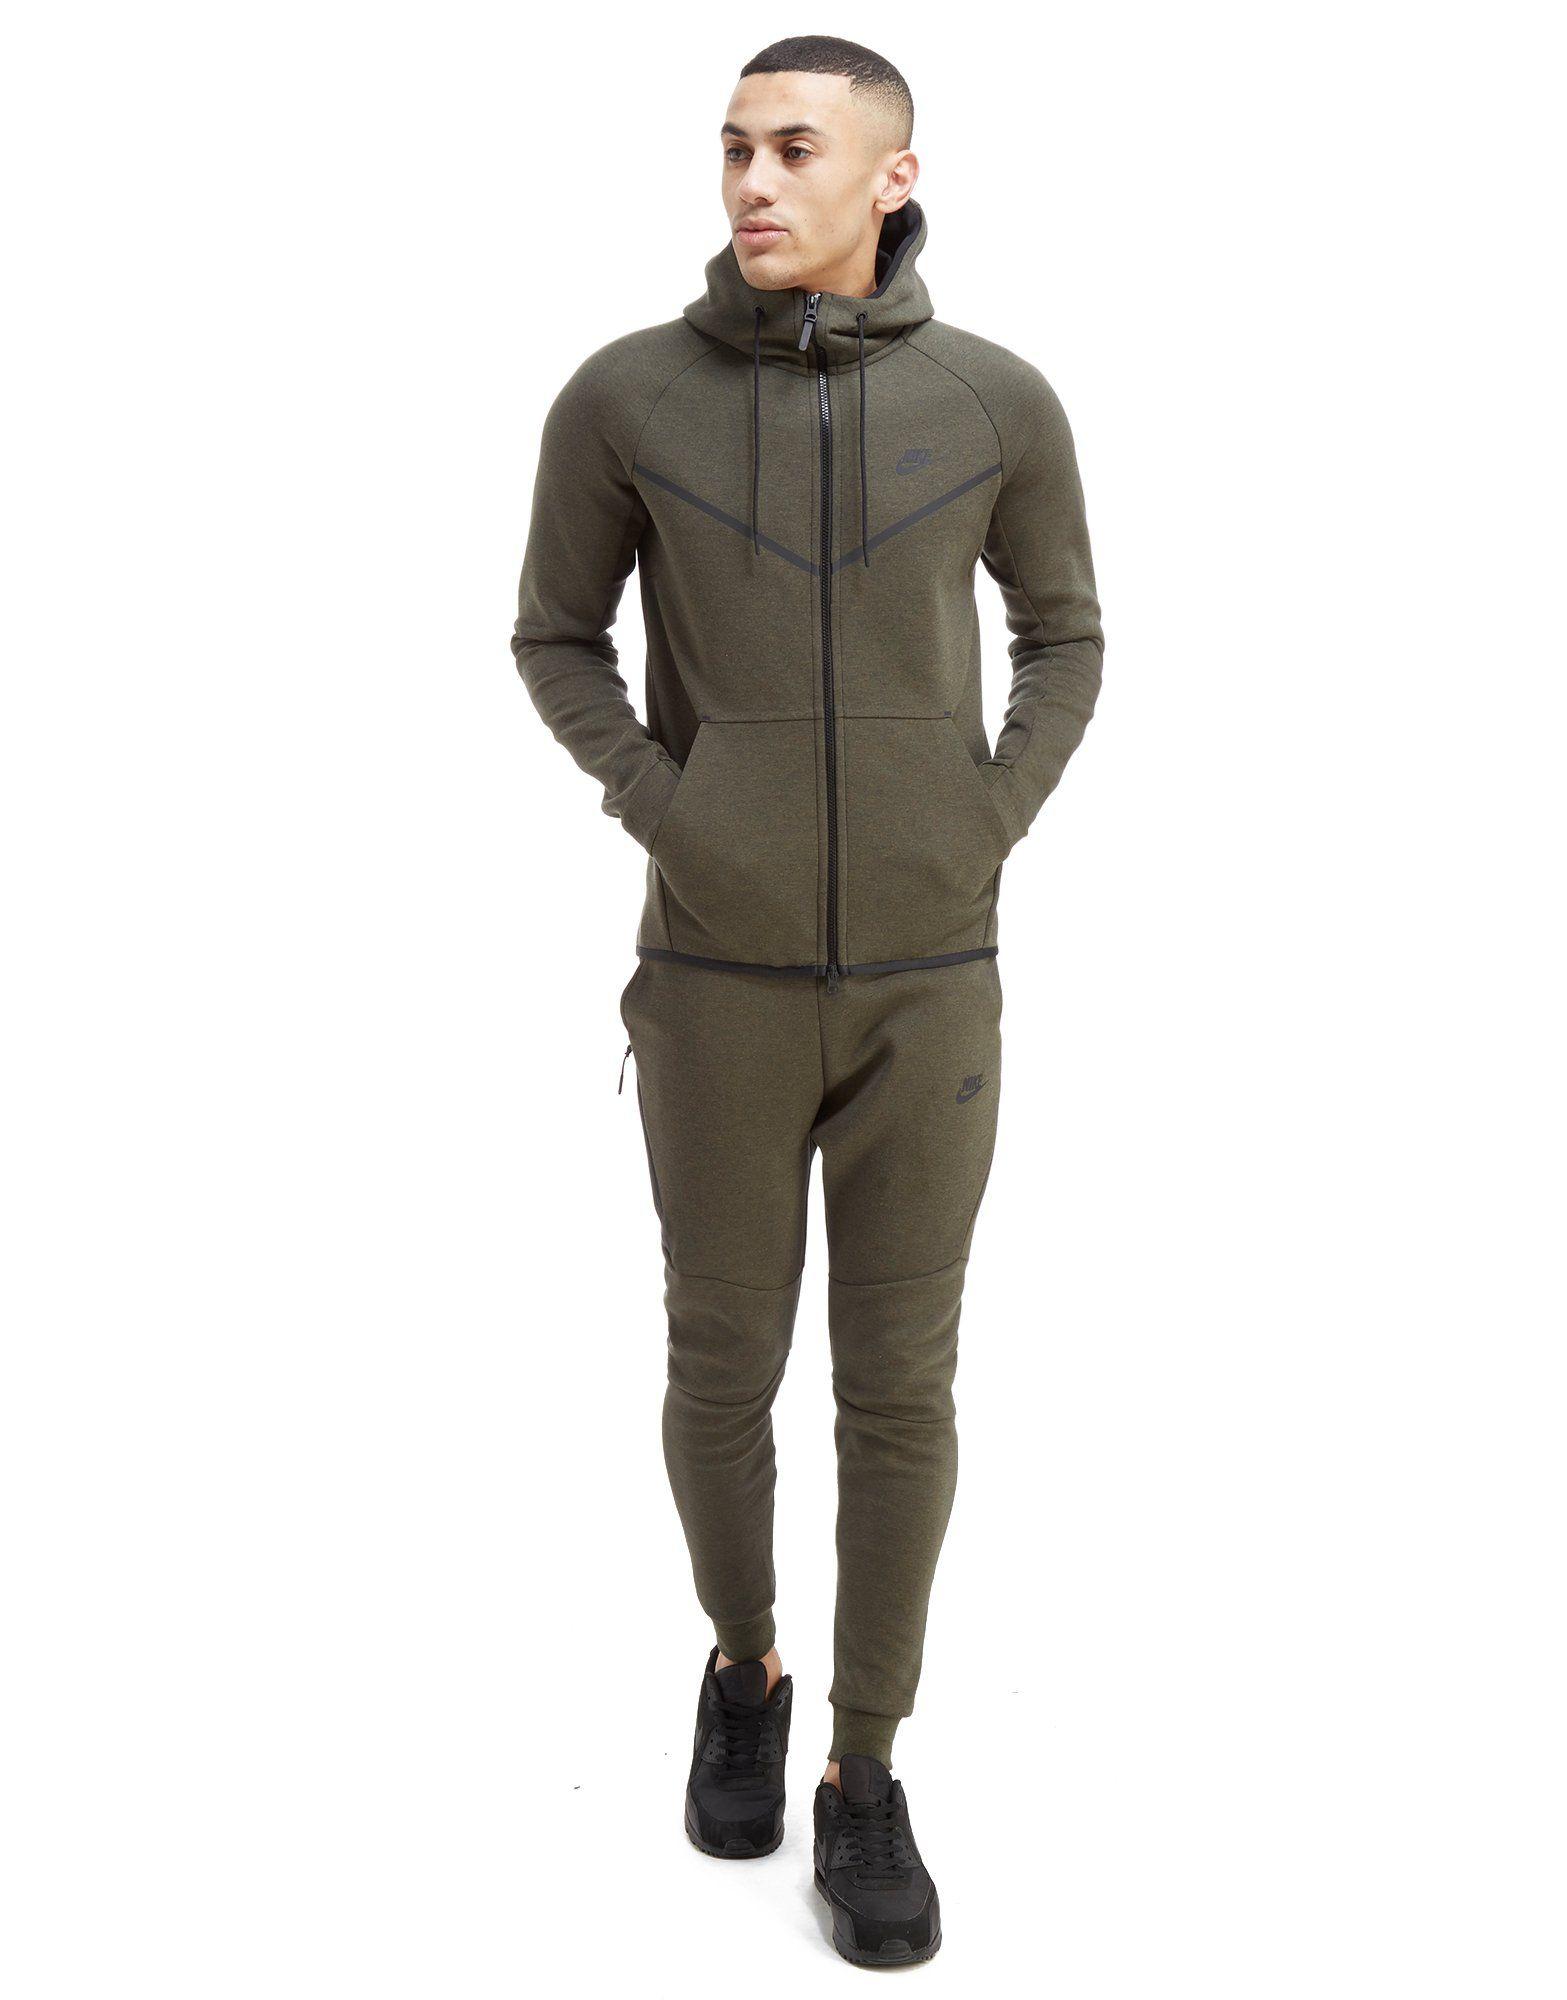 Gr眉n Tech Jogginghosen Gr眉n Jogginghosen Fleece Nike Fleece Nike Gr眉n Tech w7SCSxz1q